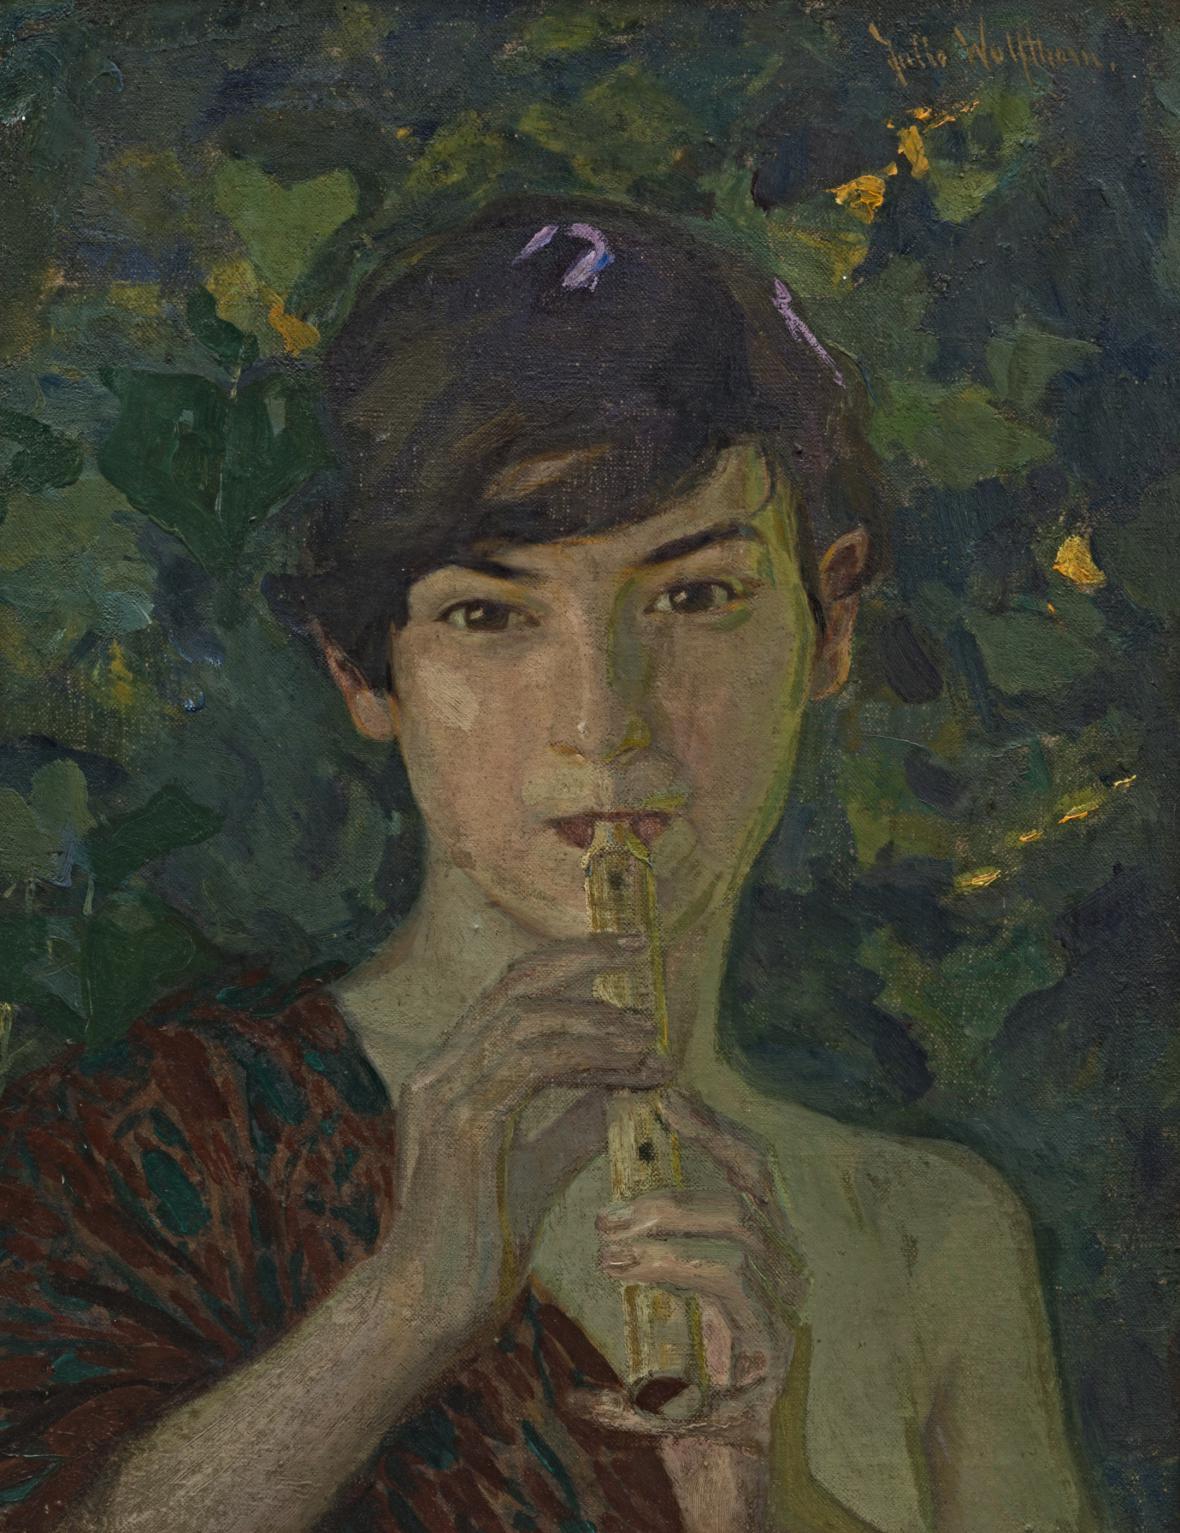 Julie Wolfthorn / Hráčka na flétnu, okolo 1900